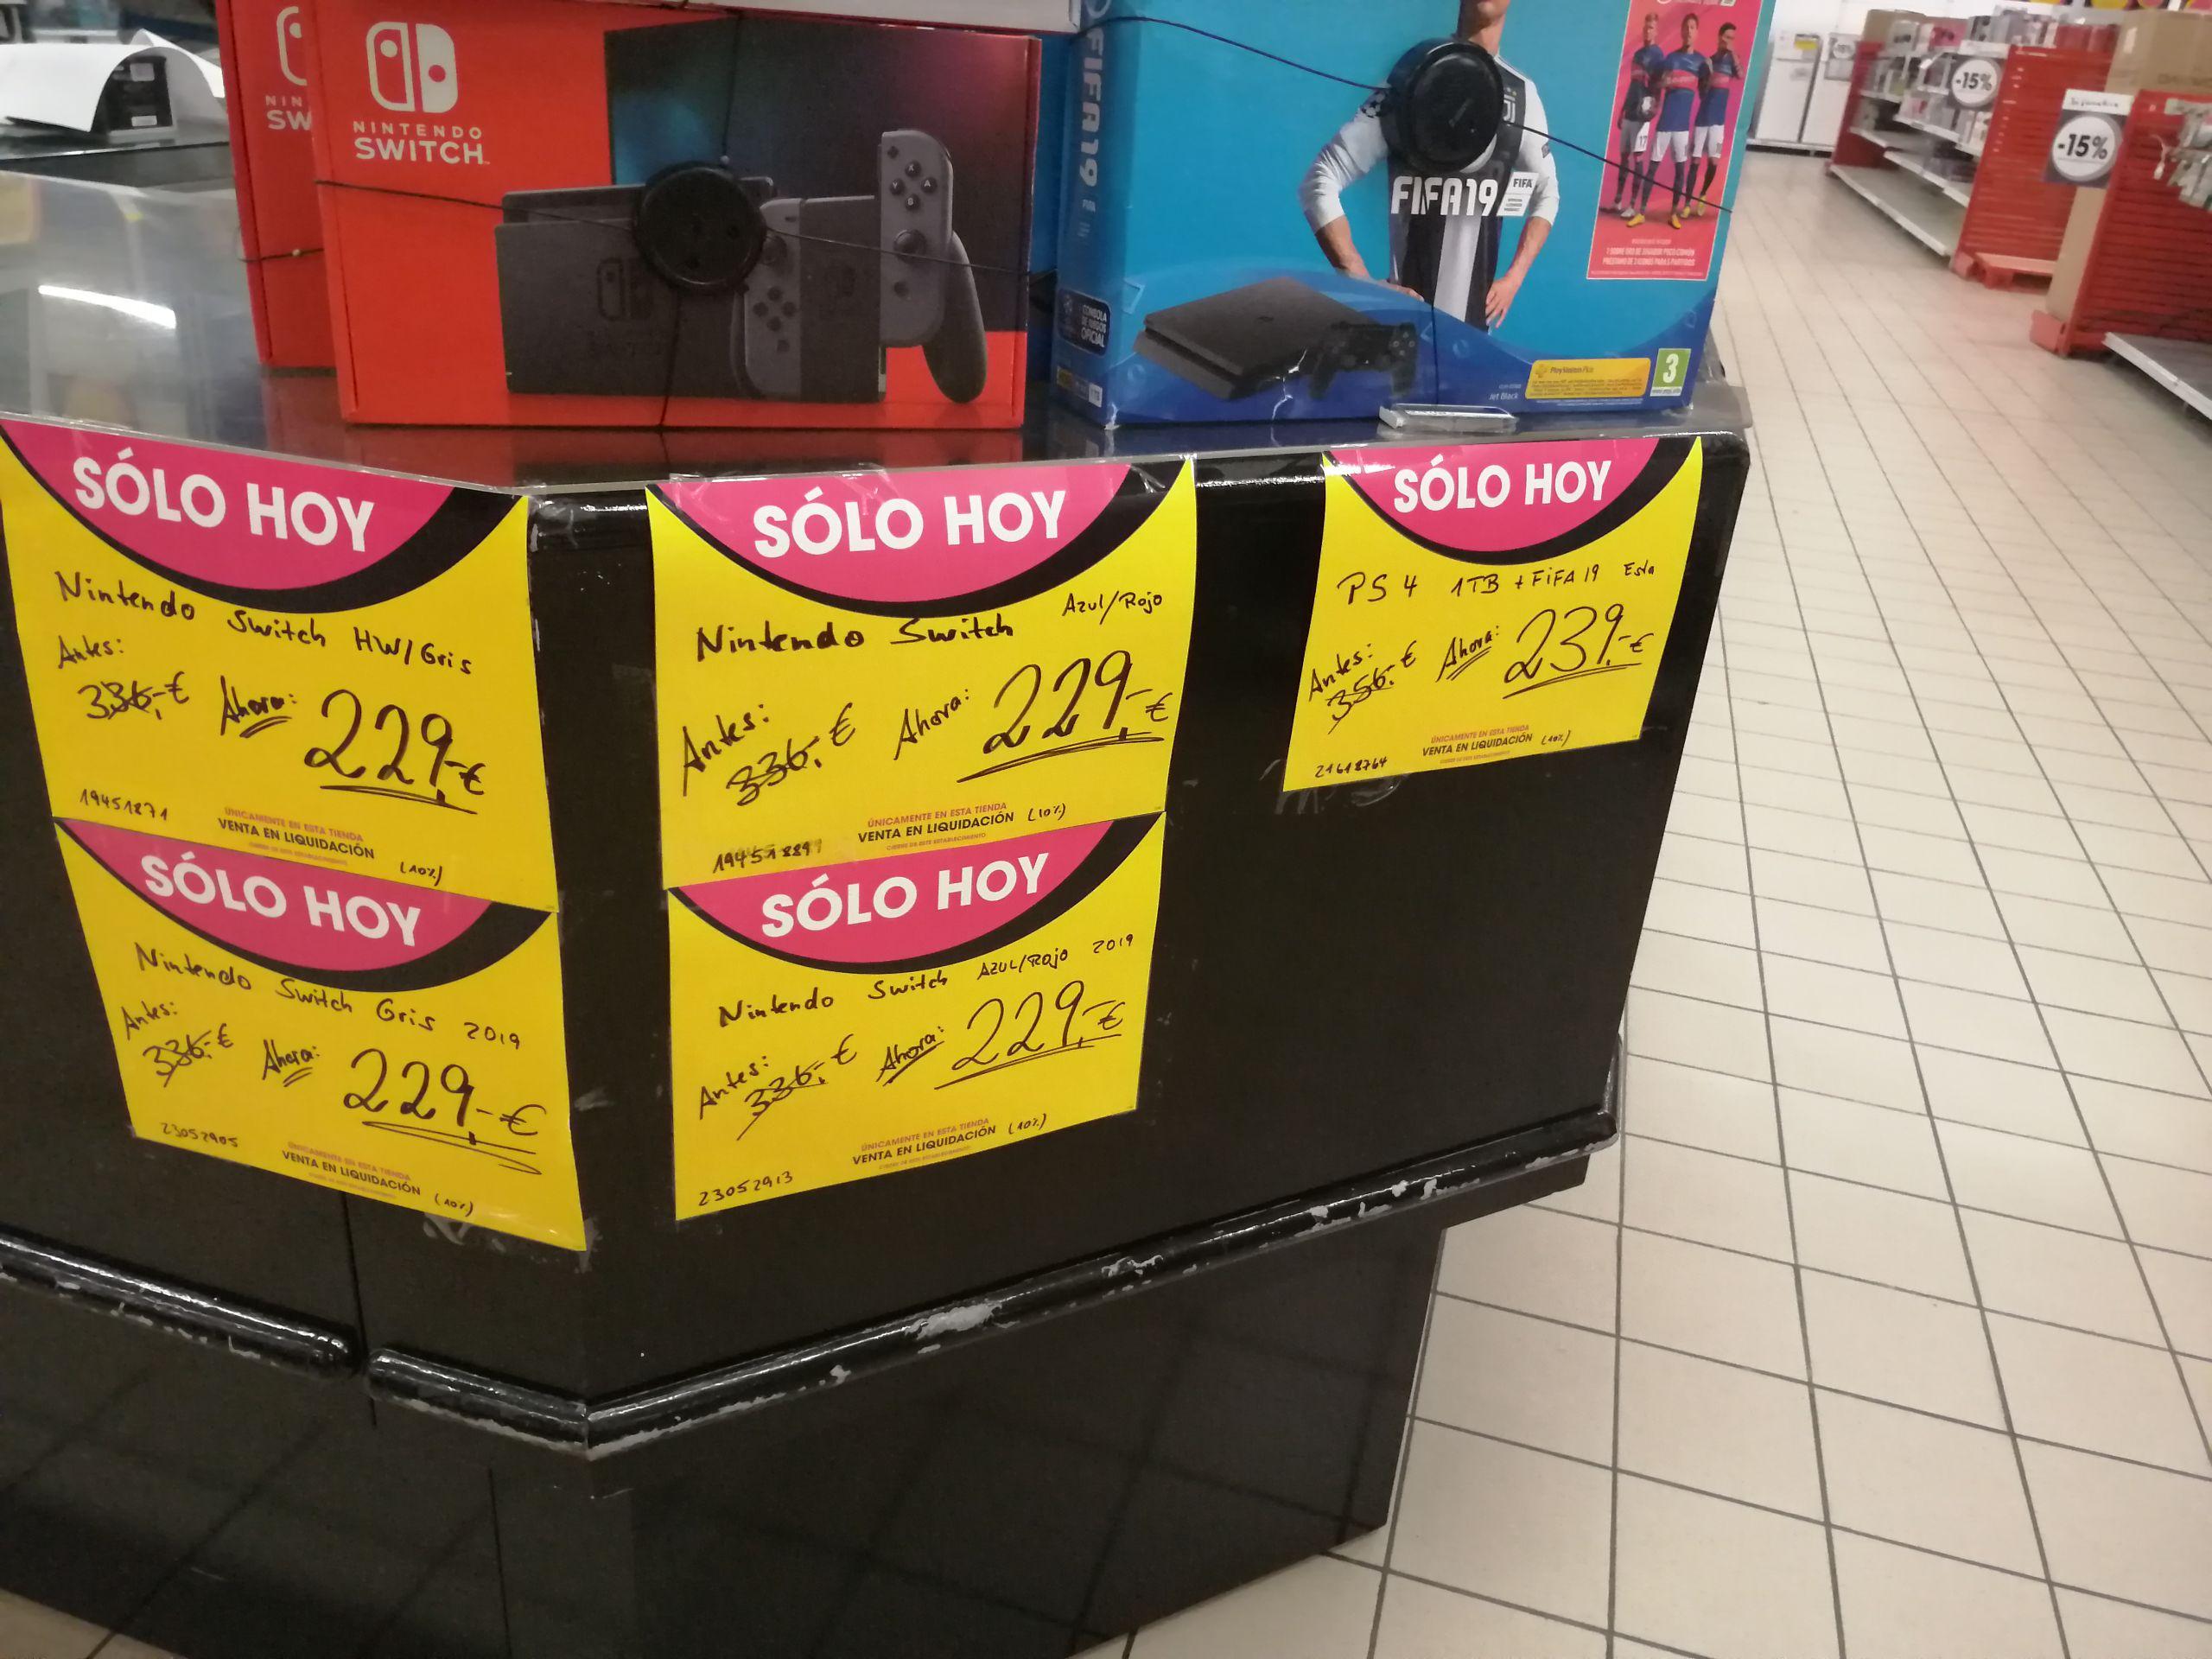 Eroski CC El mirador liquidación Nintendo Switch 229€ Gran Canaria